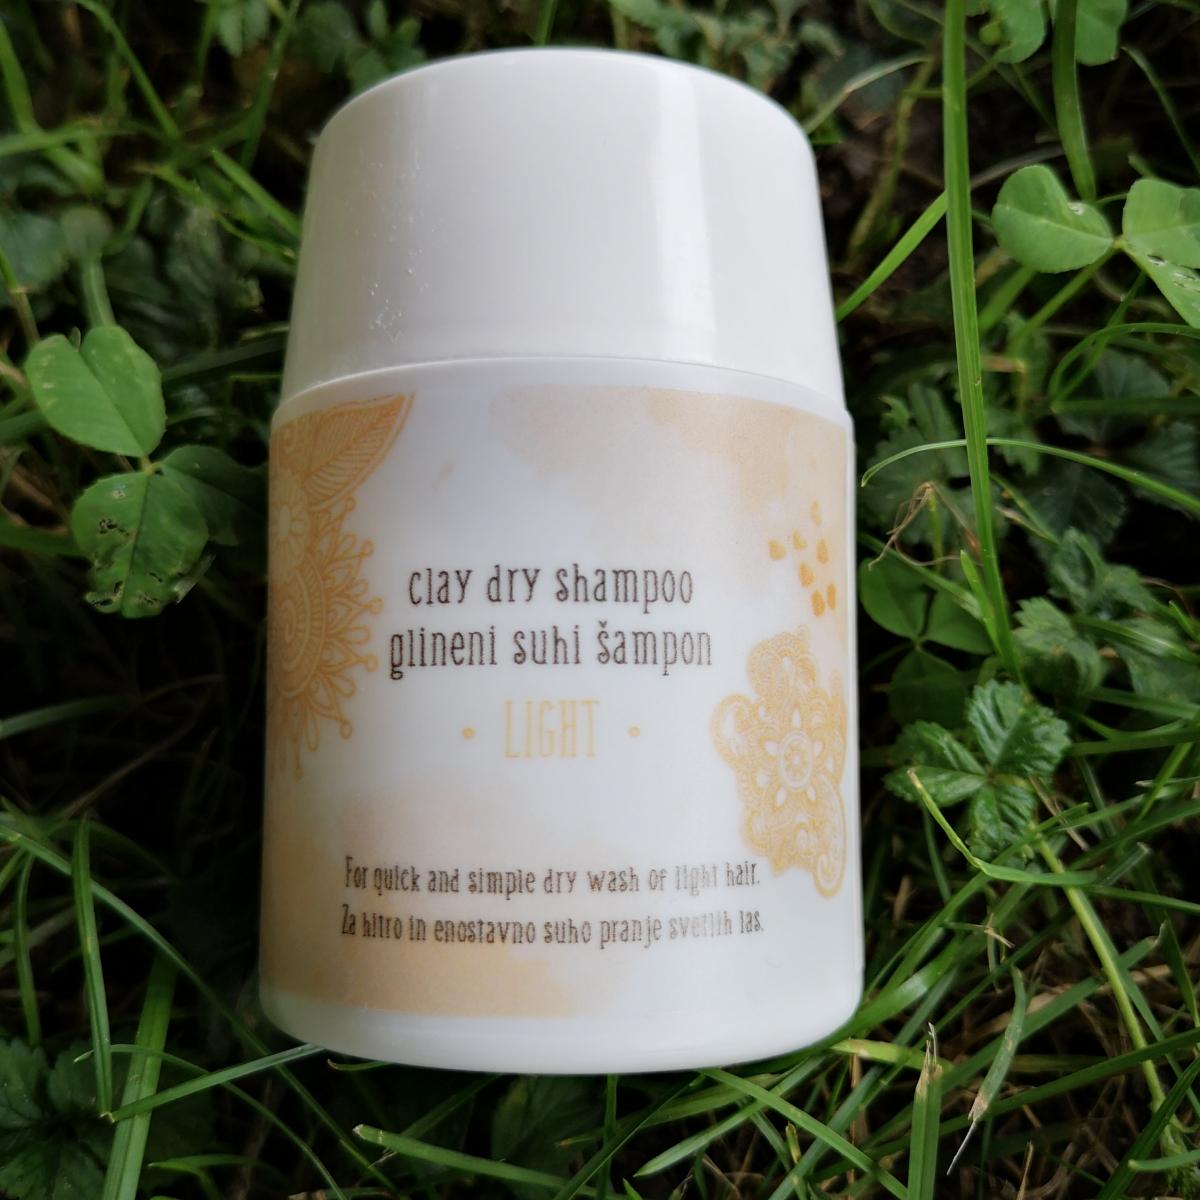 Clay Ritual glineni suhi šampon LIGHT (50g)